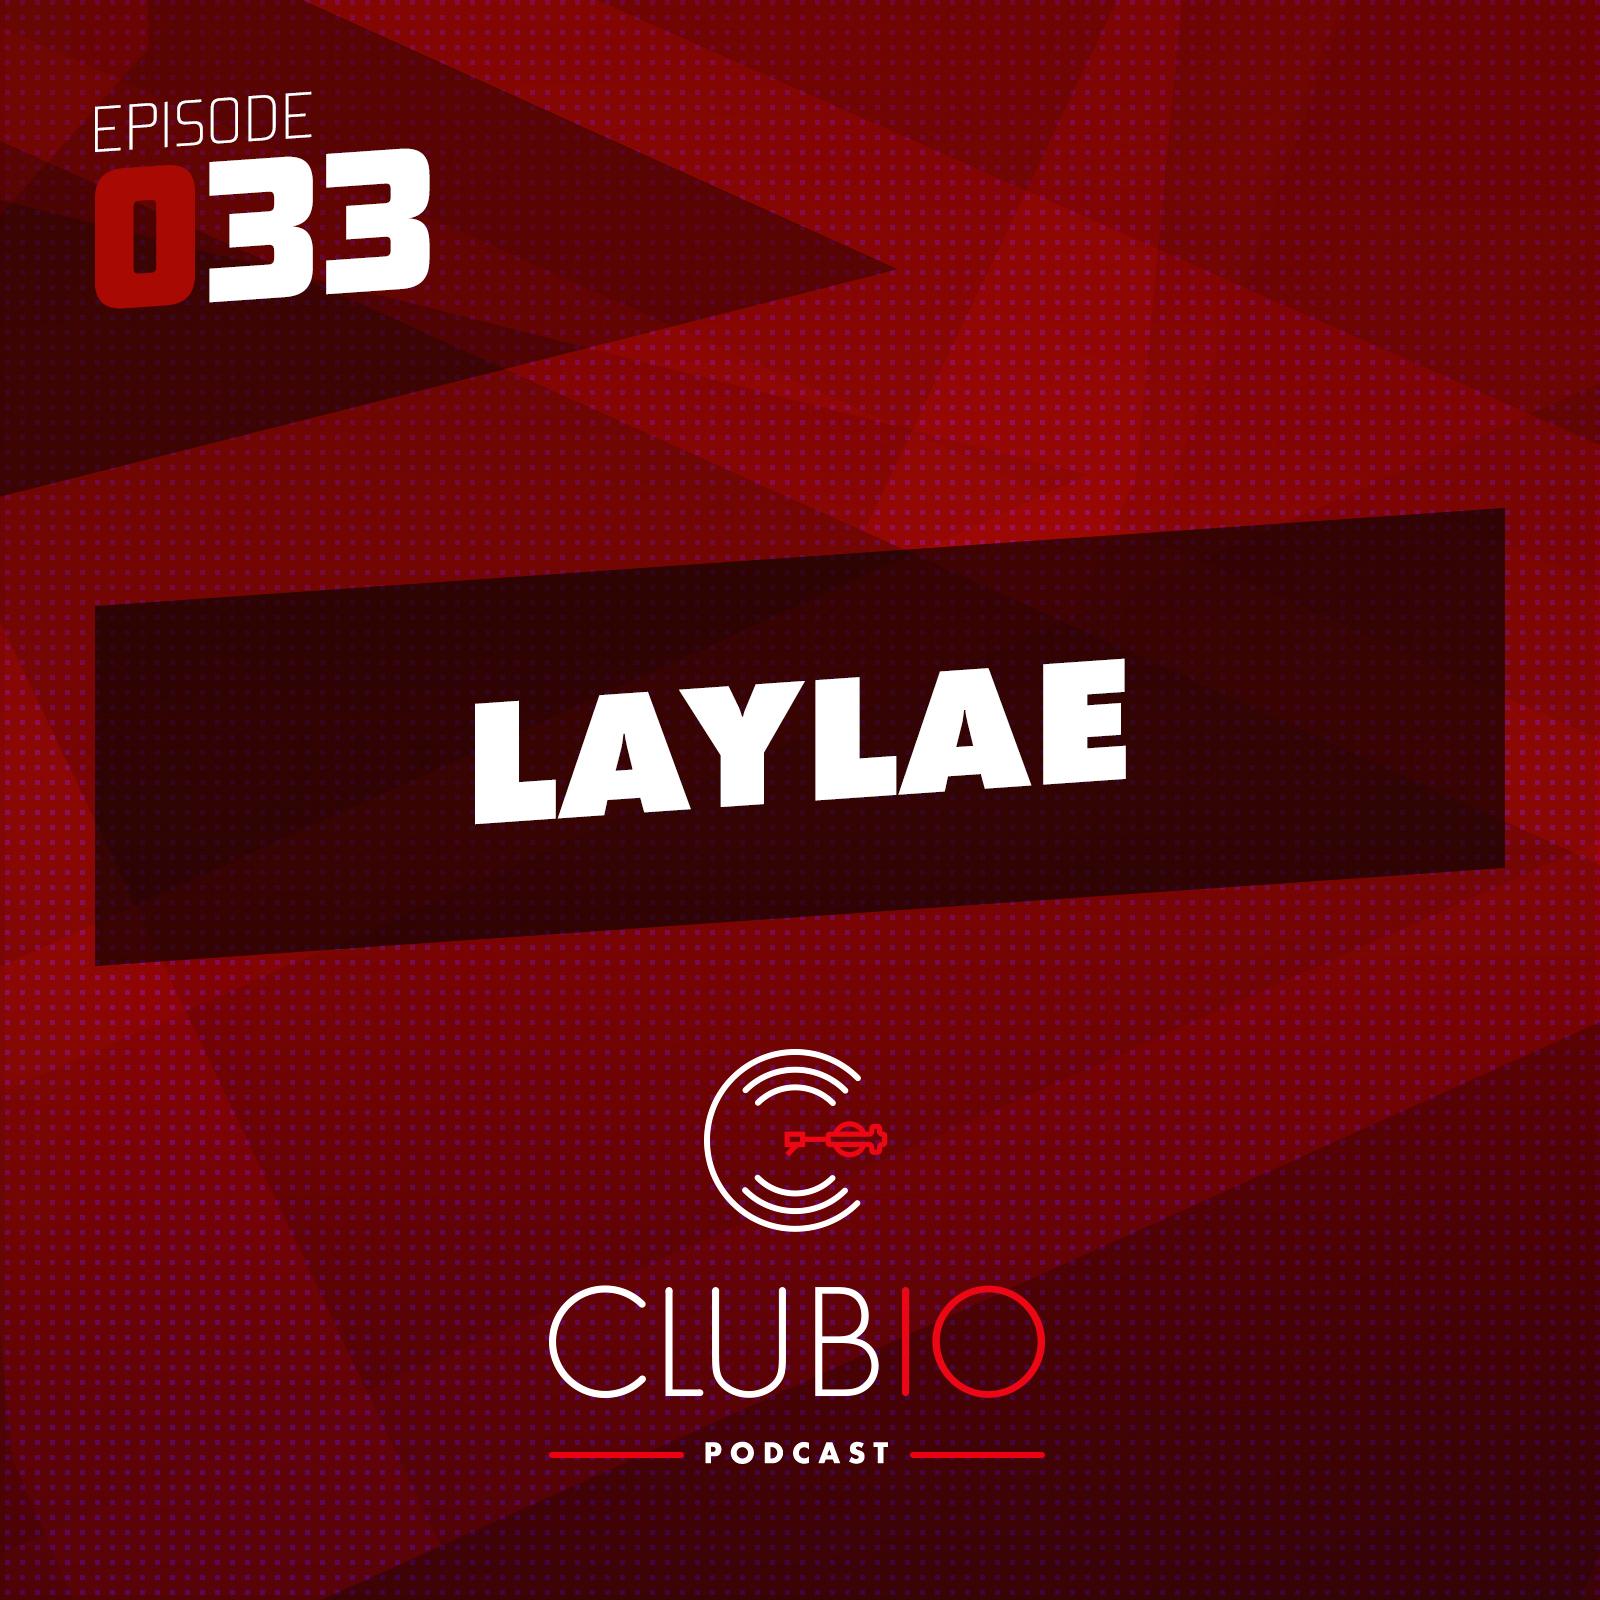 Clubio Podcast 033 - Laylae